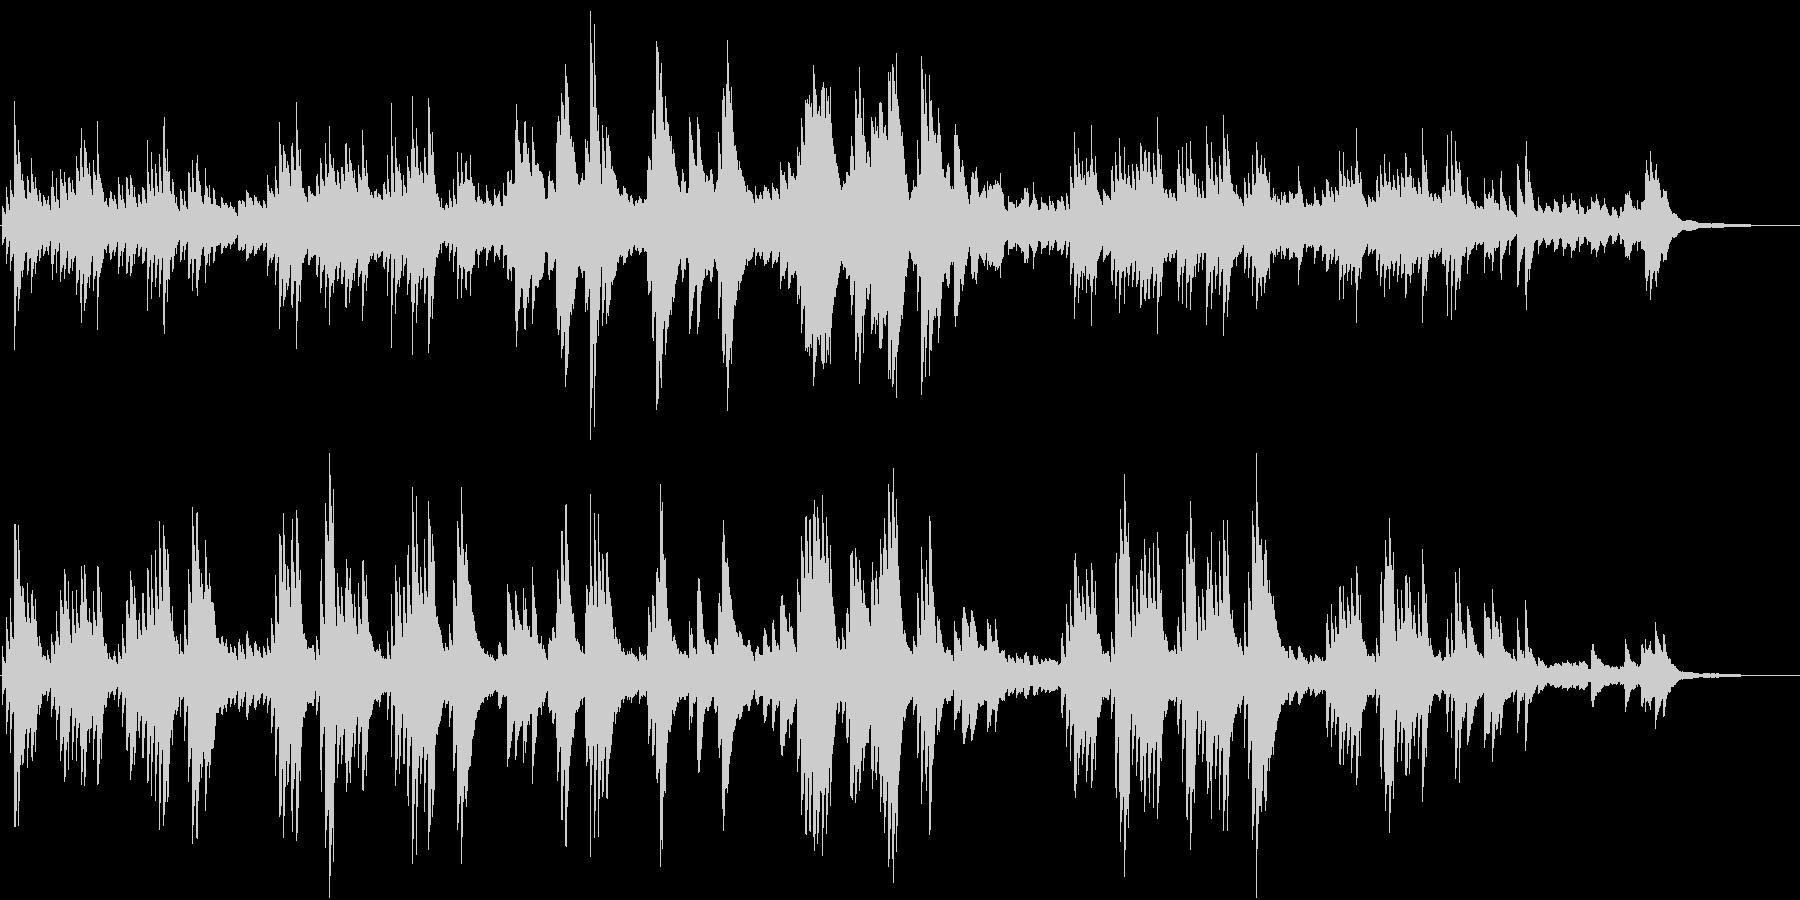 軽やかでキラキラしたイメージのピアノソロの未再生の波形